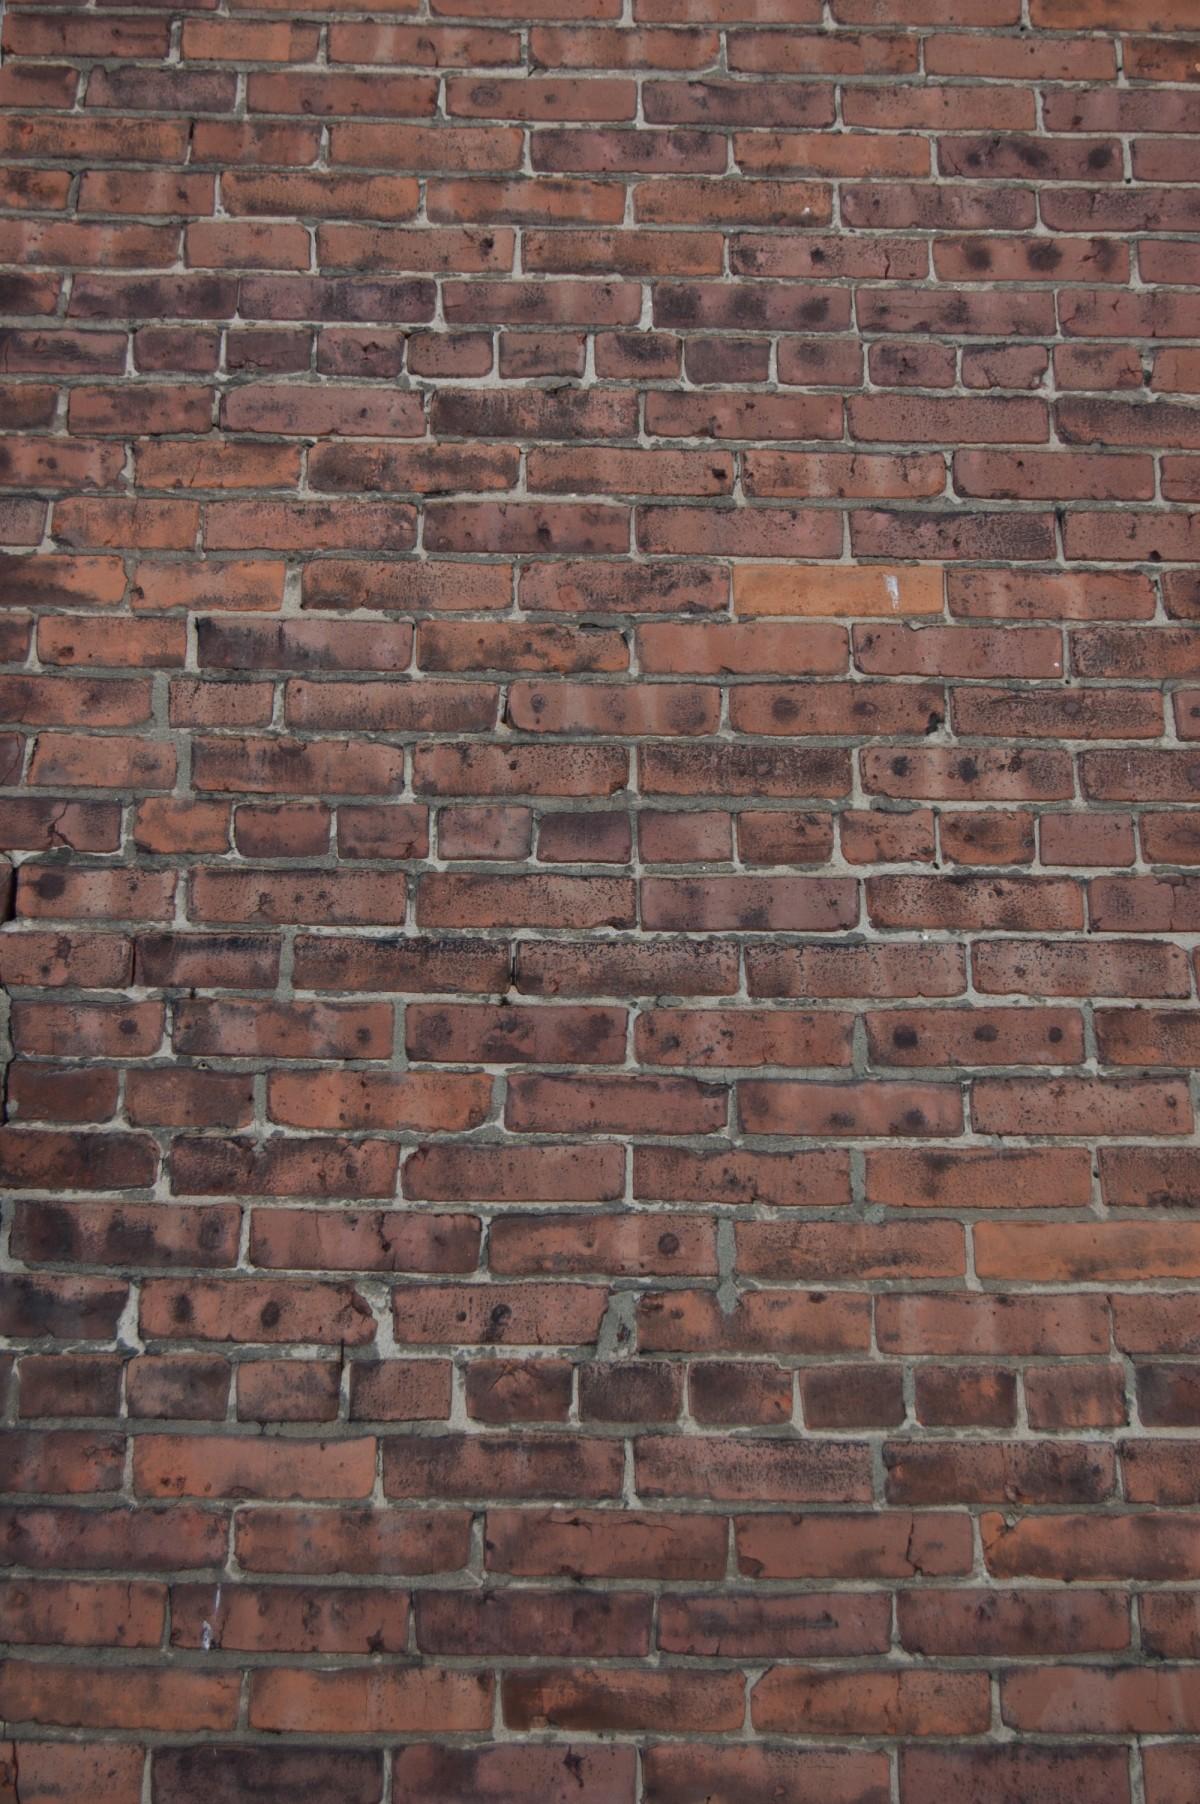 Fotos gratis madera vendimia textura piso pared - Ladrillos de piedra ...